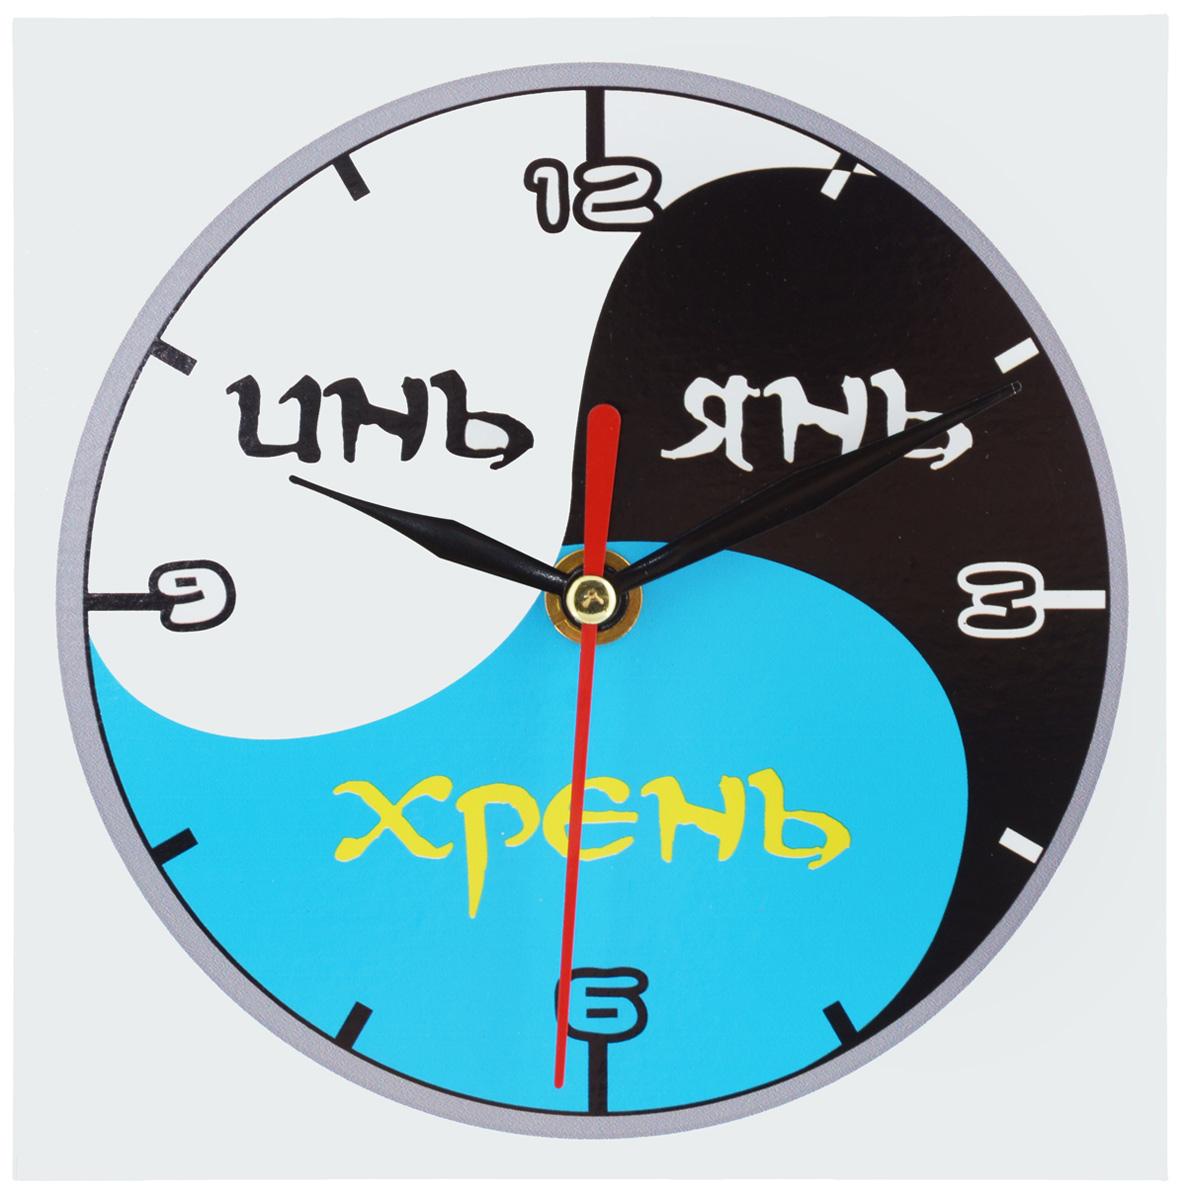 Часы настольные Эврика Инь Янь Хрень, 14 х 14 см95843Часы настольные Эврика Инь Янь Хрень изготовлены из МДФ сламинированием и пластика. Изделие имеет оригинальный циферблат снадписями: Инь Янь Хрень. Механизм хода часов бесшумный и плавный. Сзадирасположен специальный упор, благодаря которому часы можно поставить настол. Часы также можно повесить на стену с помощью специальногометаллического отверстия.Такие яркие необычные часы станут украшением вашего рабочего стола иподчеркнут ваш стиль. Отличный подарок друзьям и близким, которыйобязательно вызовет улыбку и радость.Часы работают от одной батарейки напряжением 1,5V типа AA (в комплект не входит).